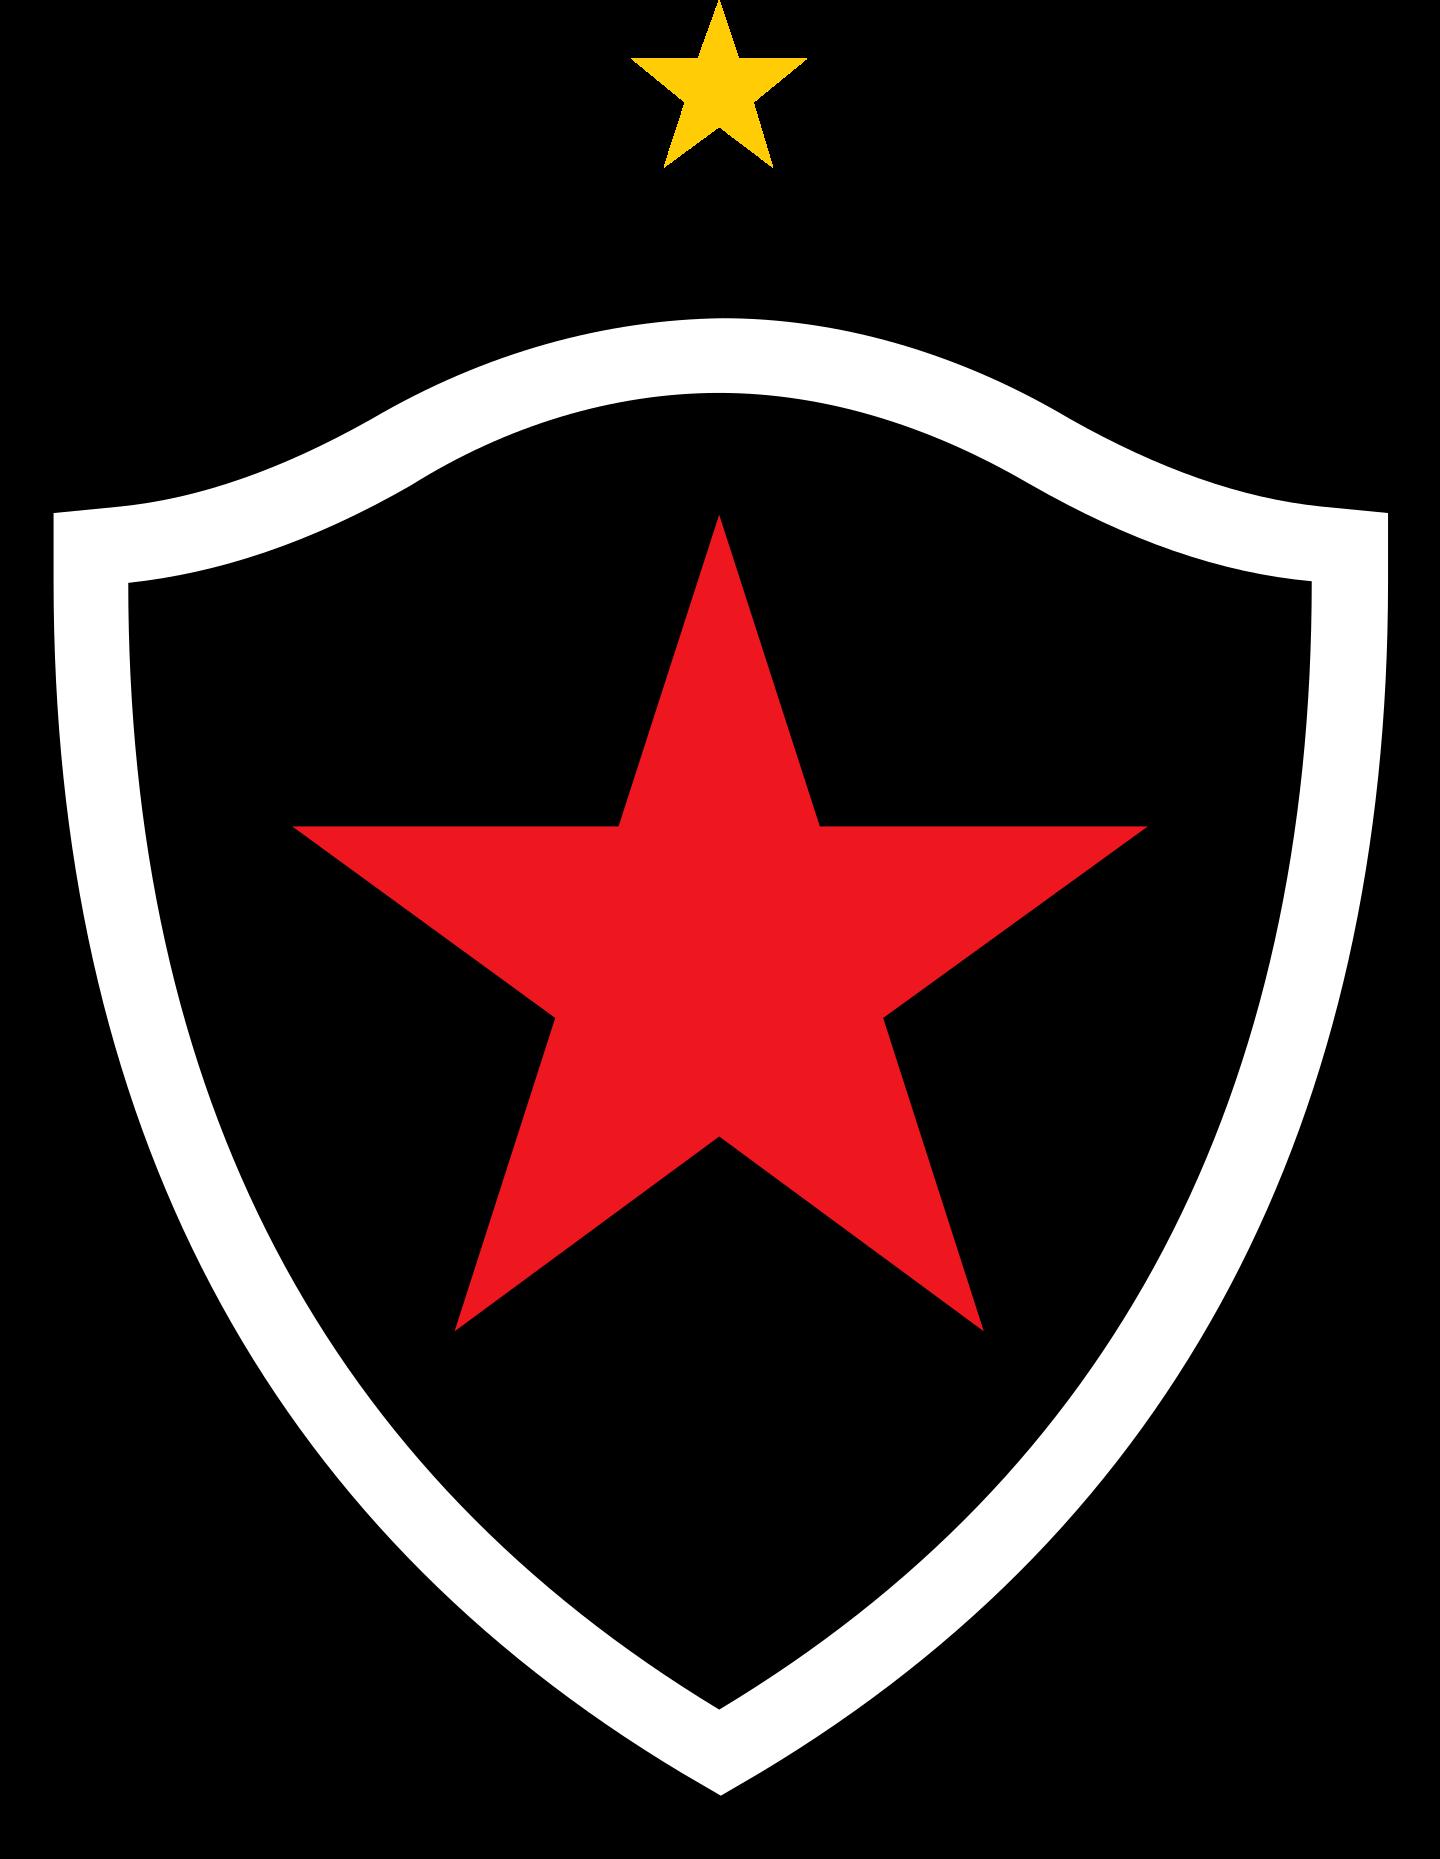 botafogo paraiba logo 2 - Botafogo da Paraíba Logo - Escudo